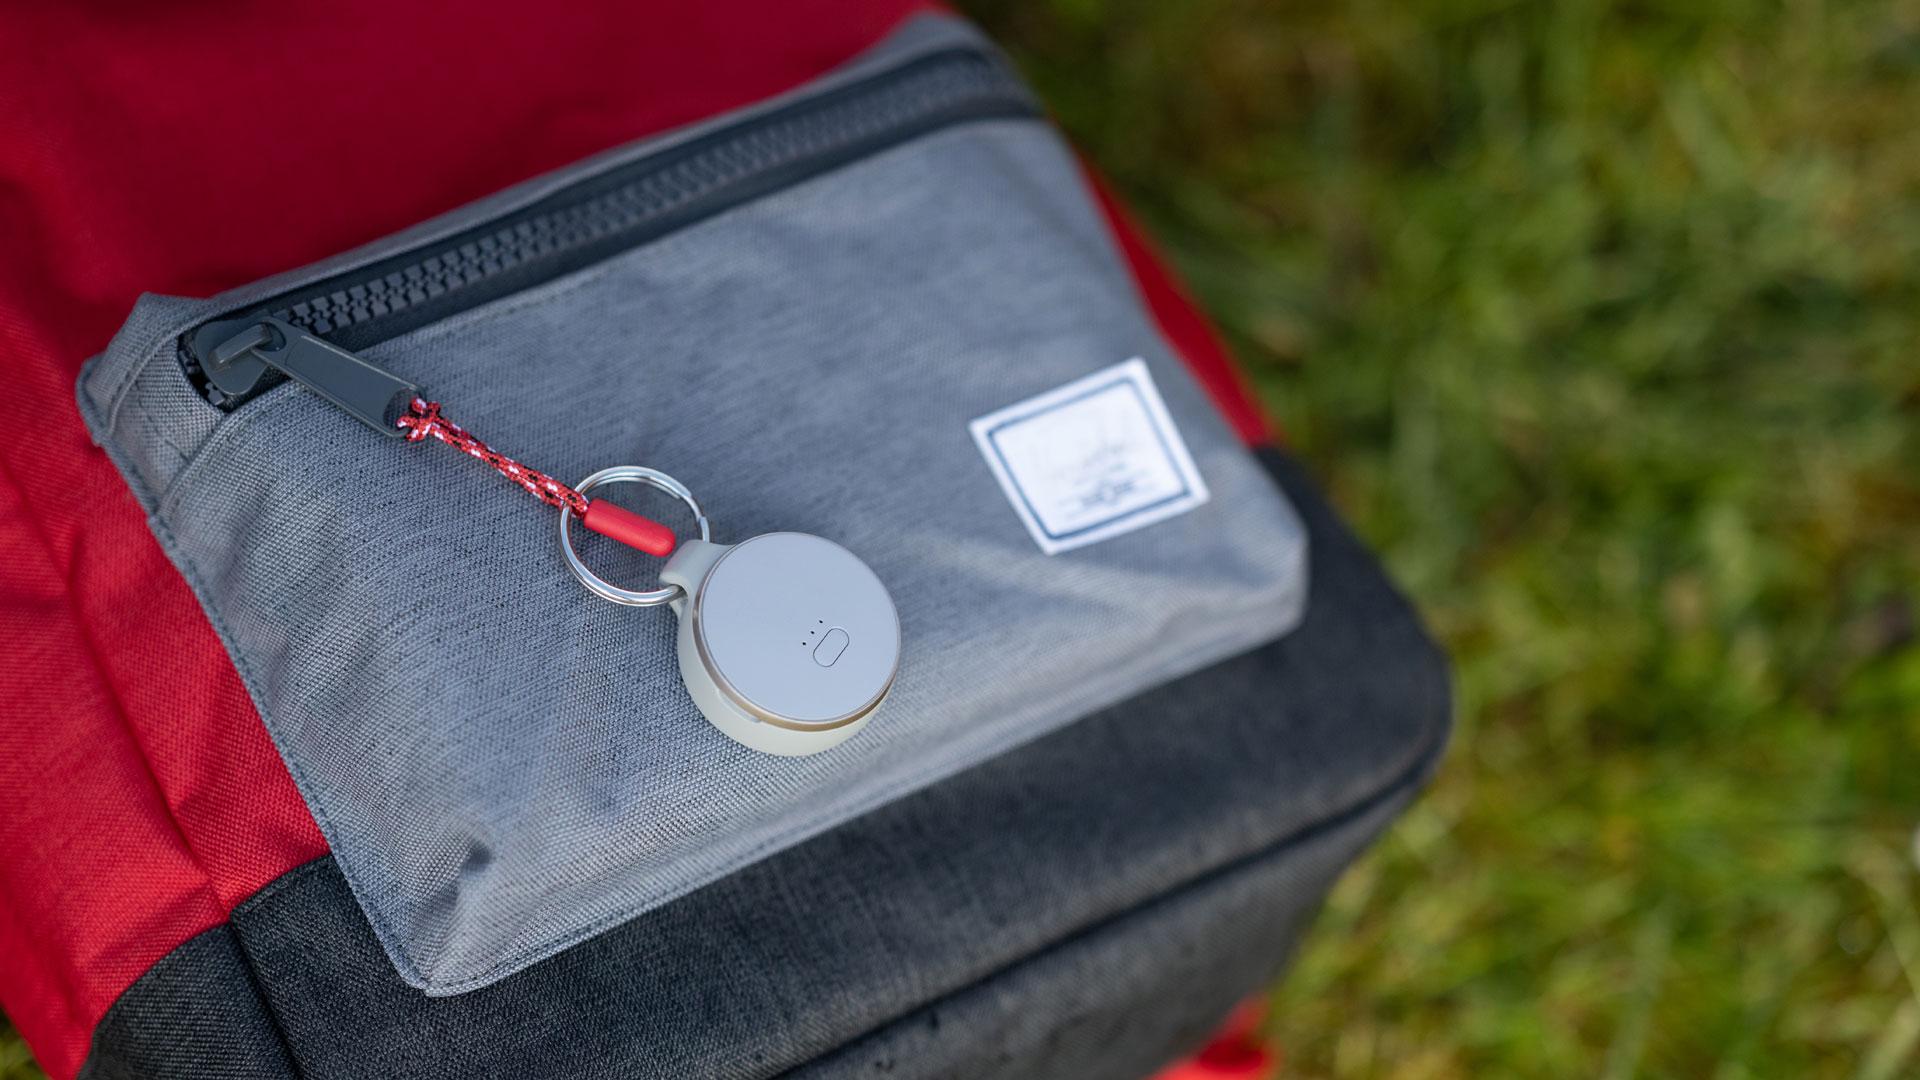 An einem Rucksack ist der Curve GPS Tracker von Vodafone befestigt.